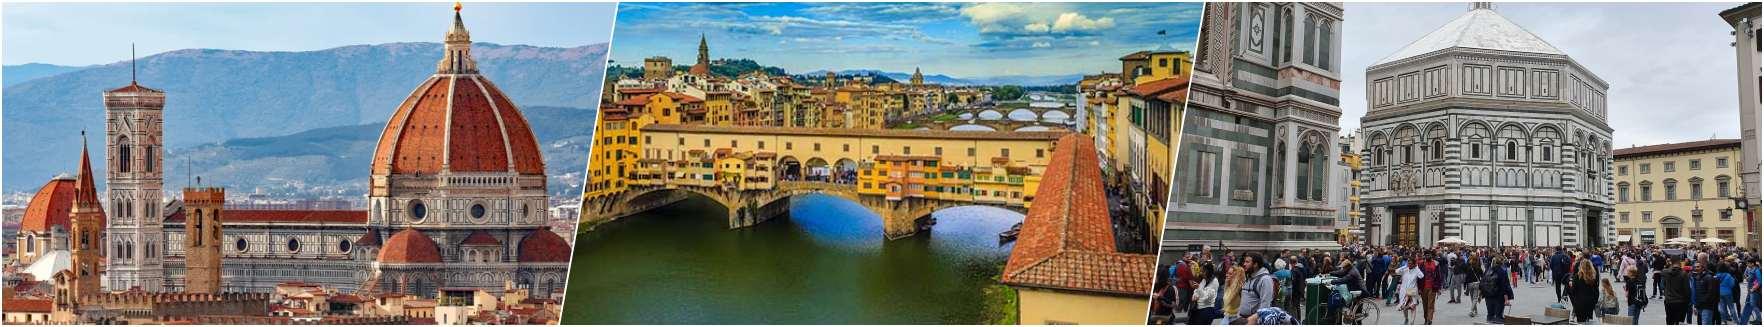 Duomo-Ponte Vecchio-Baptistery